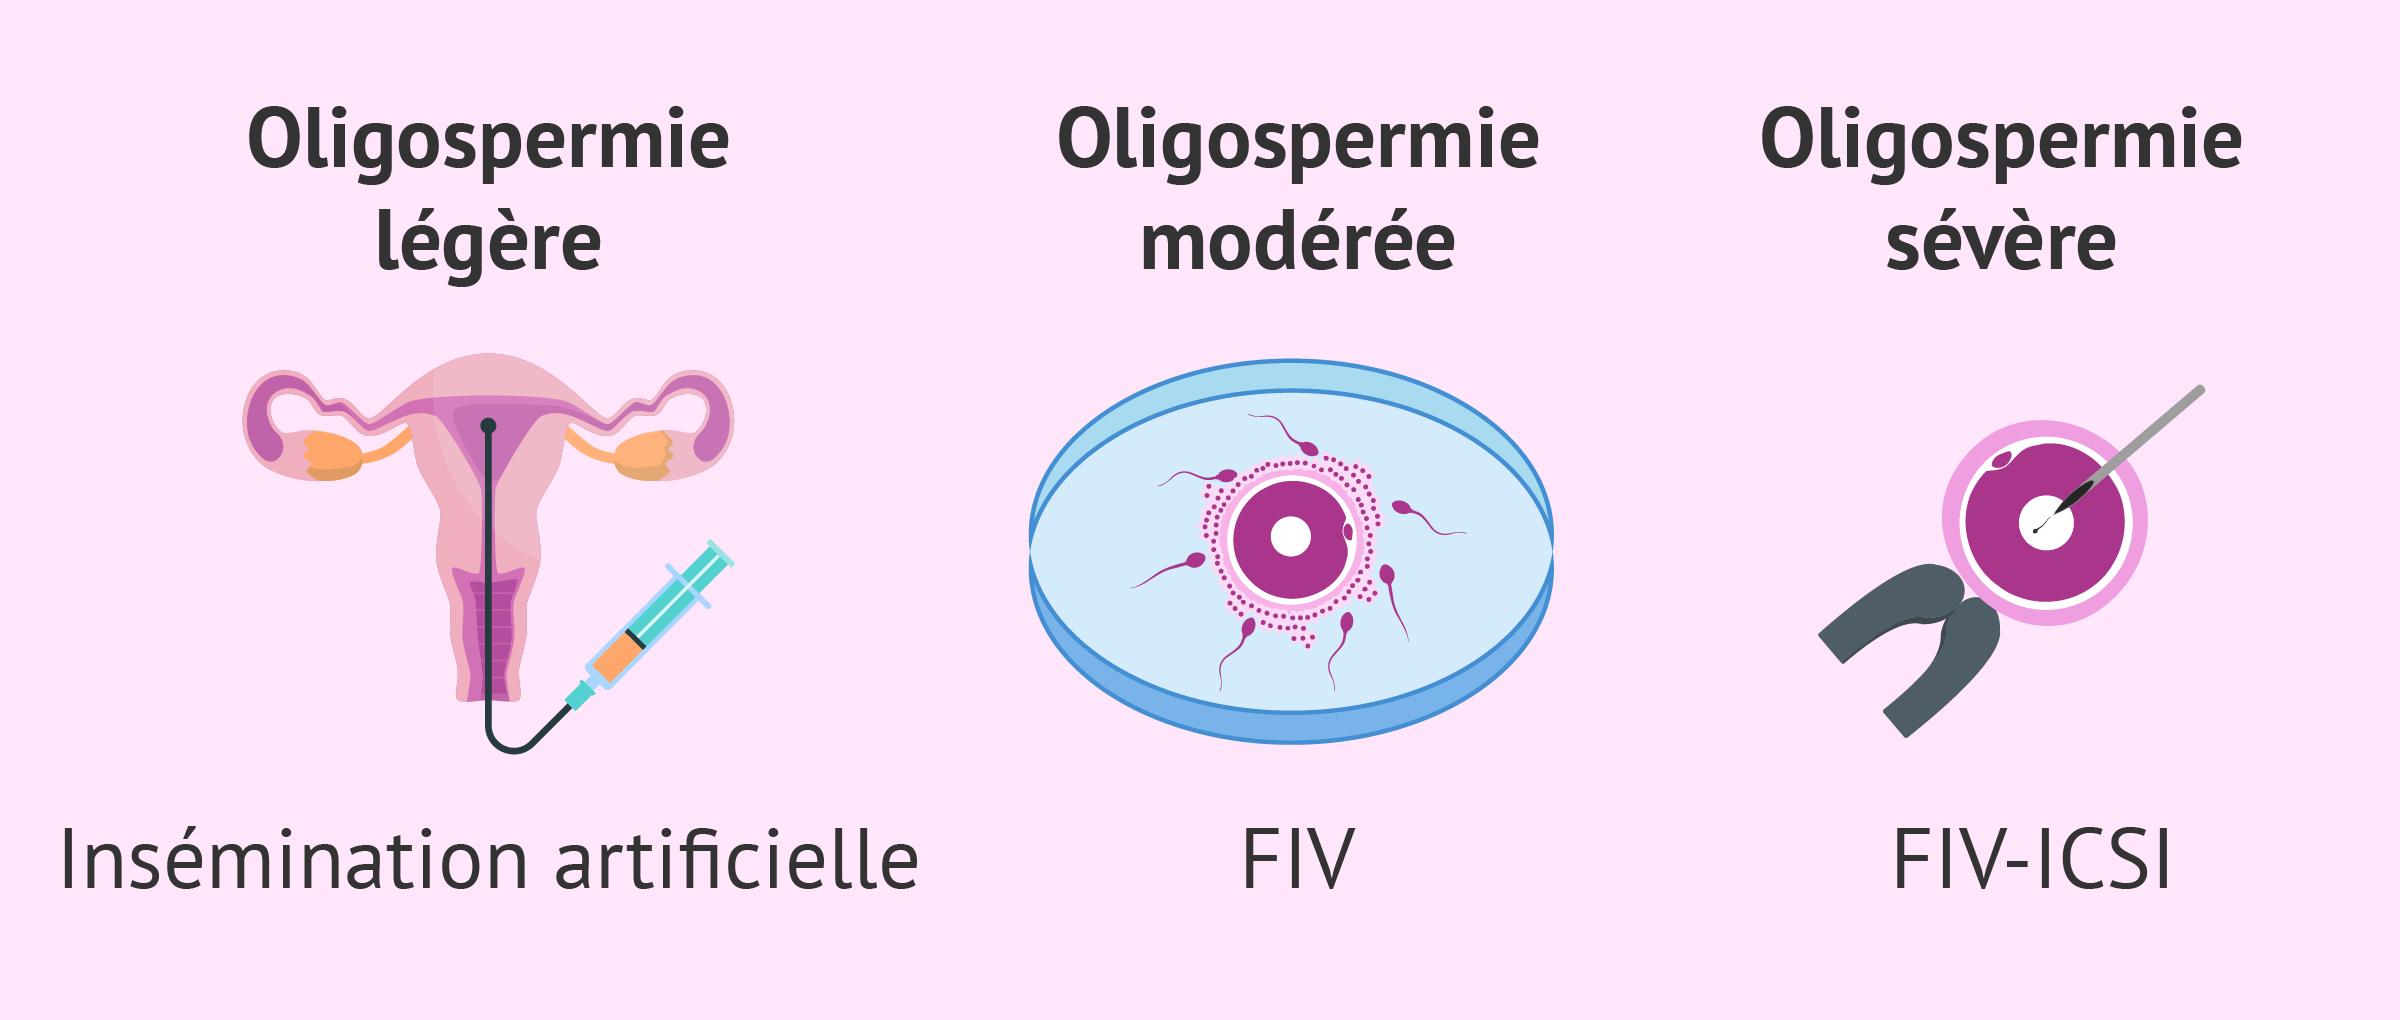 PMA pour les patients atteints d'oligospermie